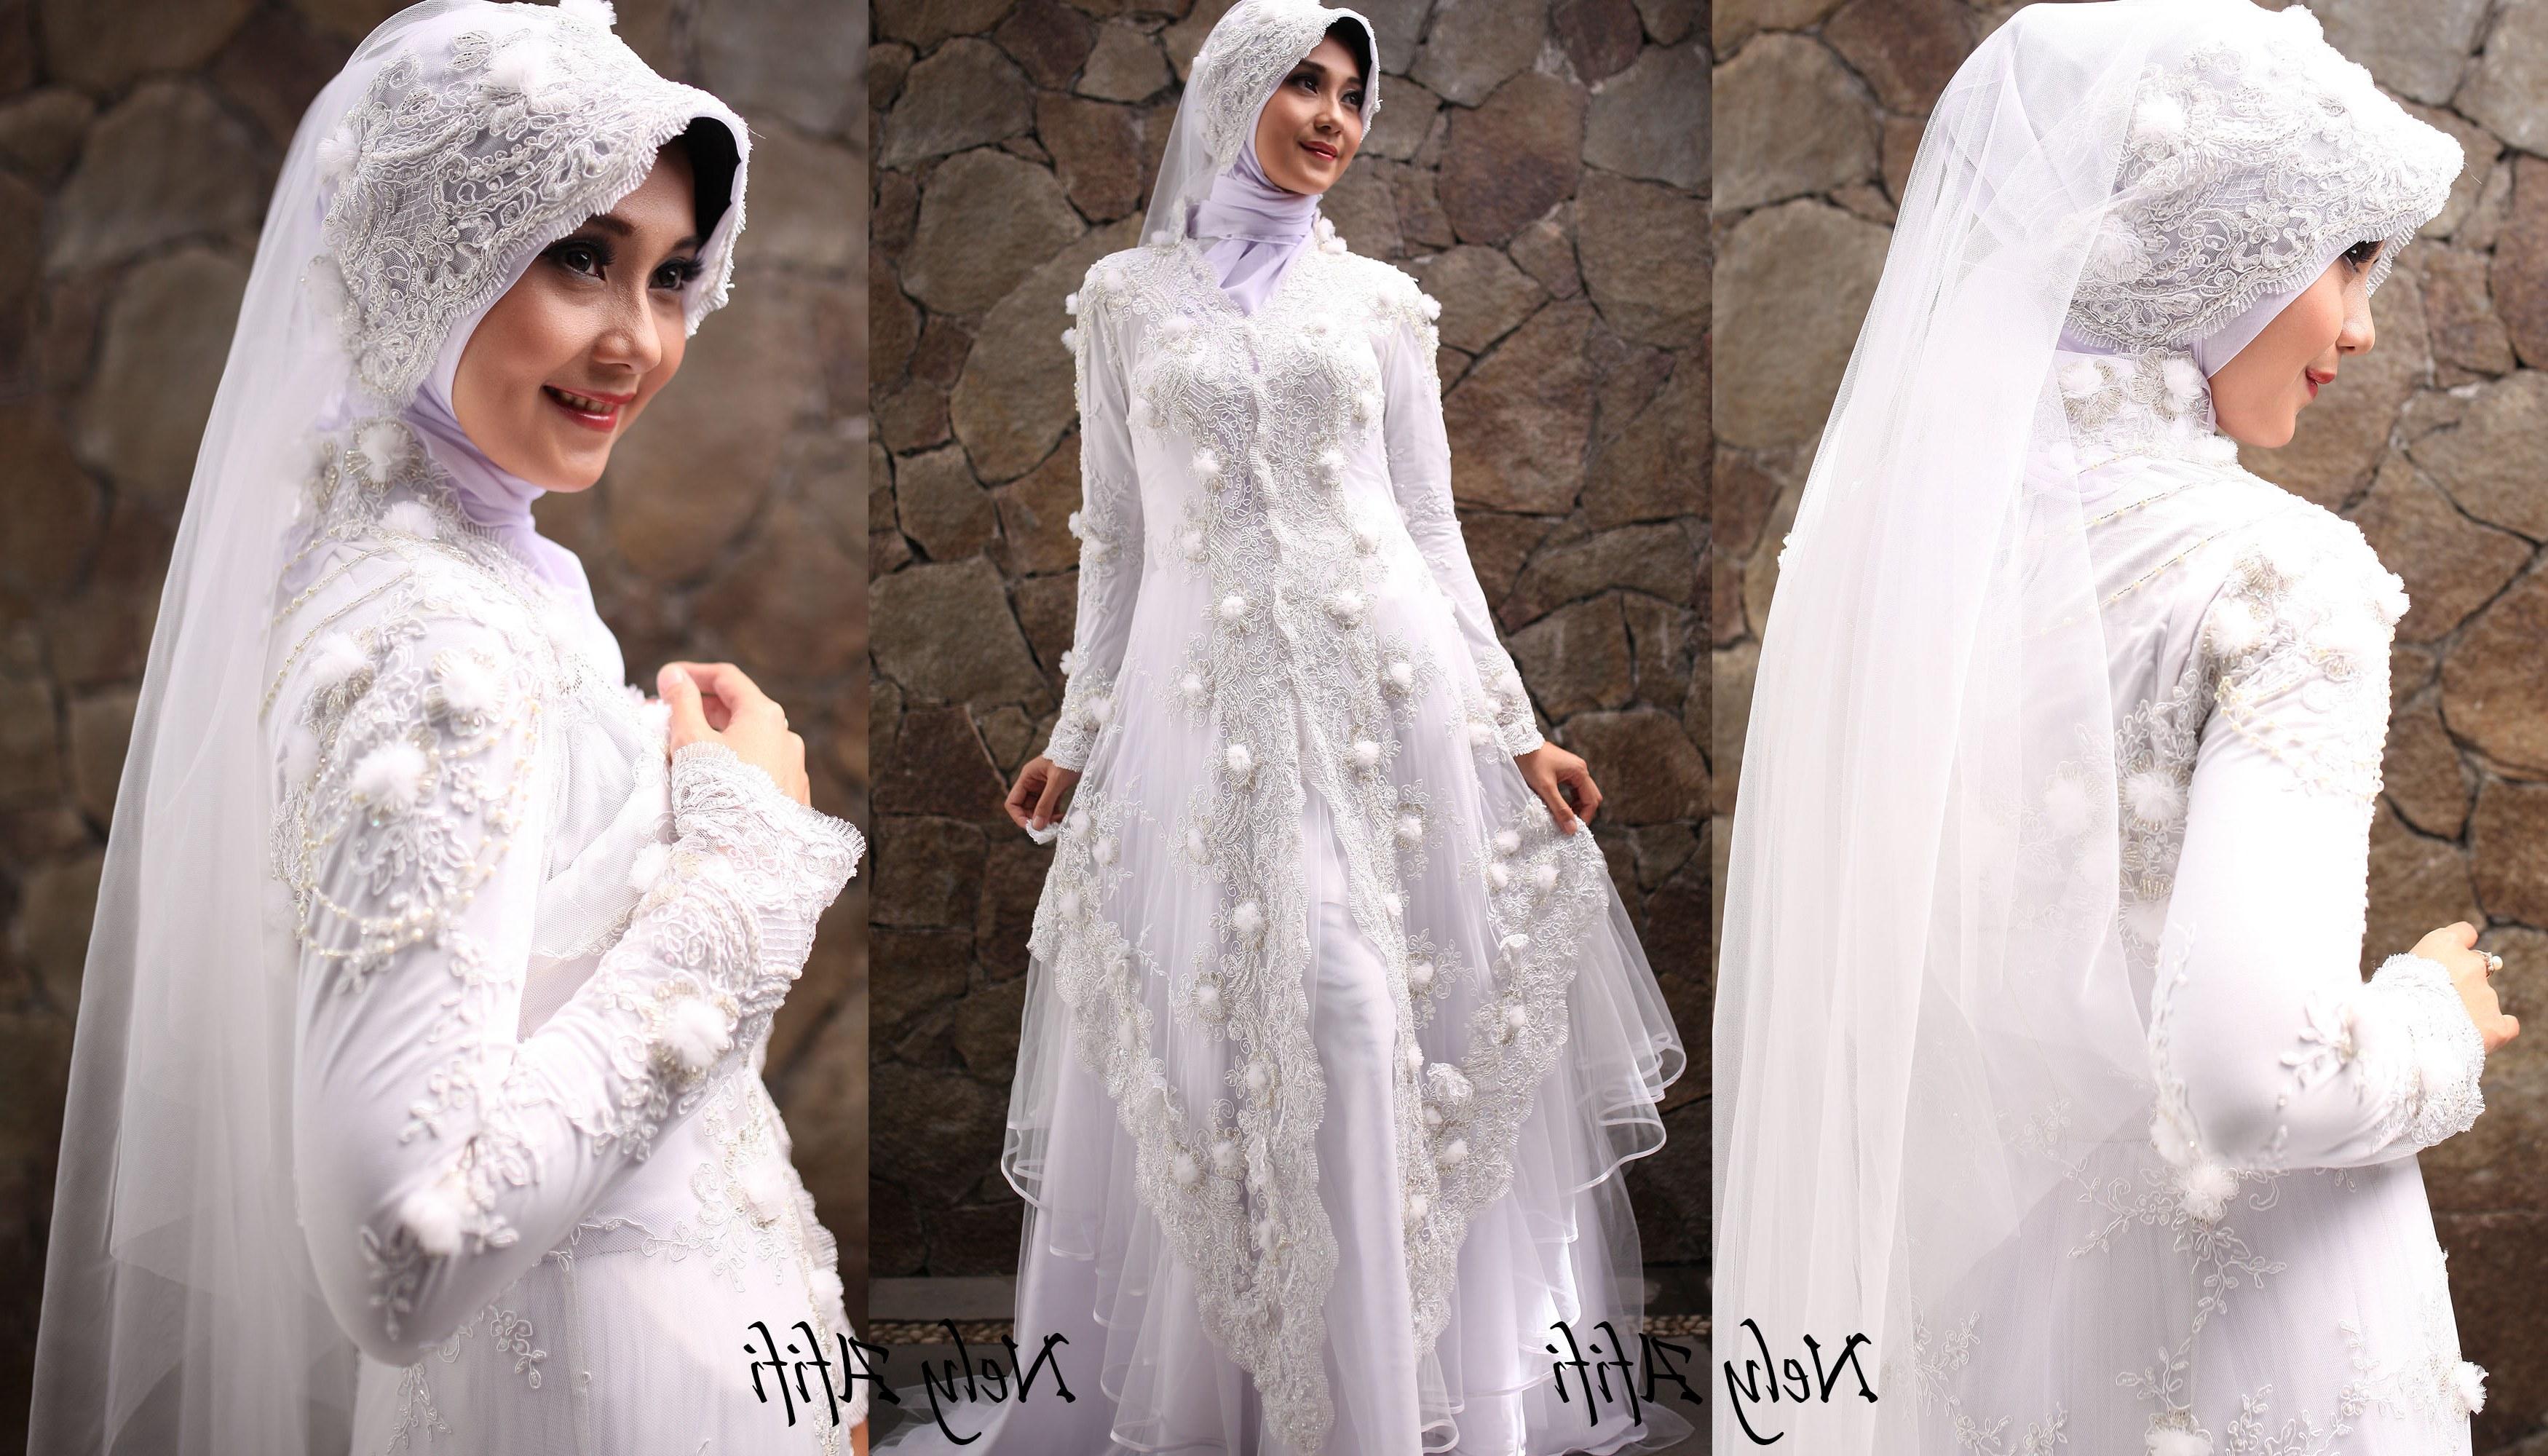 Ide Sewa Gaun Pengantin Muslimah Malang 8ydm Gaun Pengantin Muslimah Kebaya Modern Brocade Putih